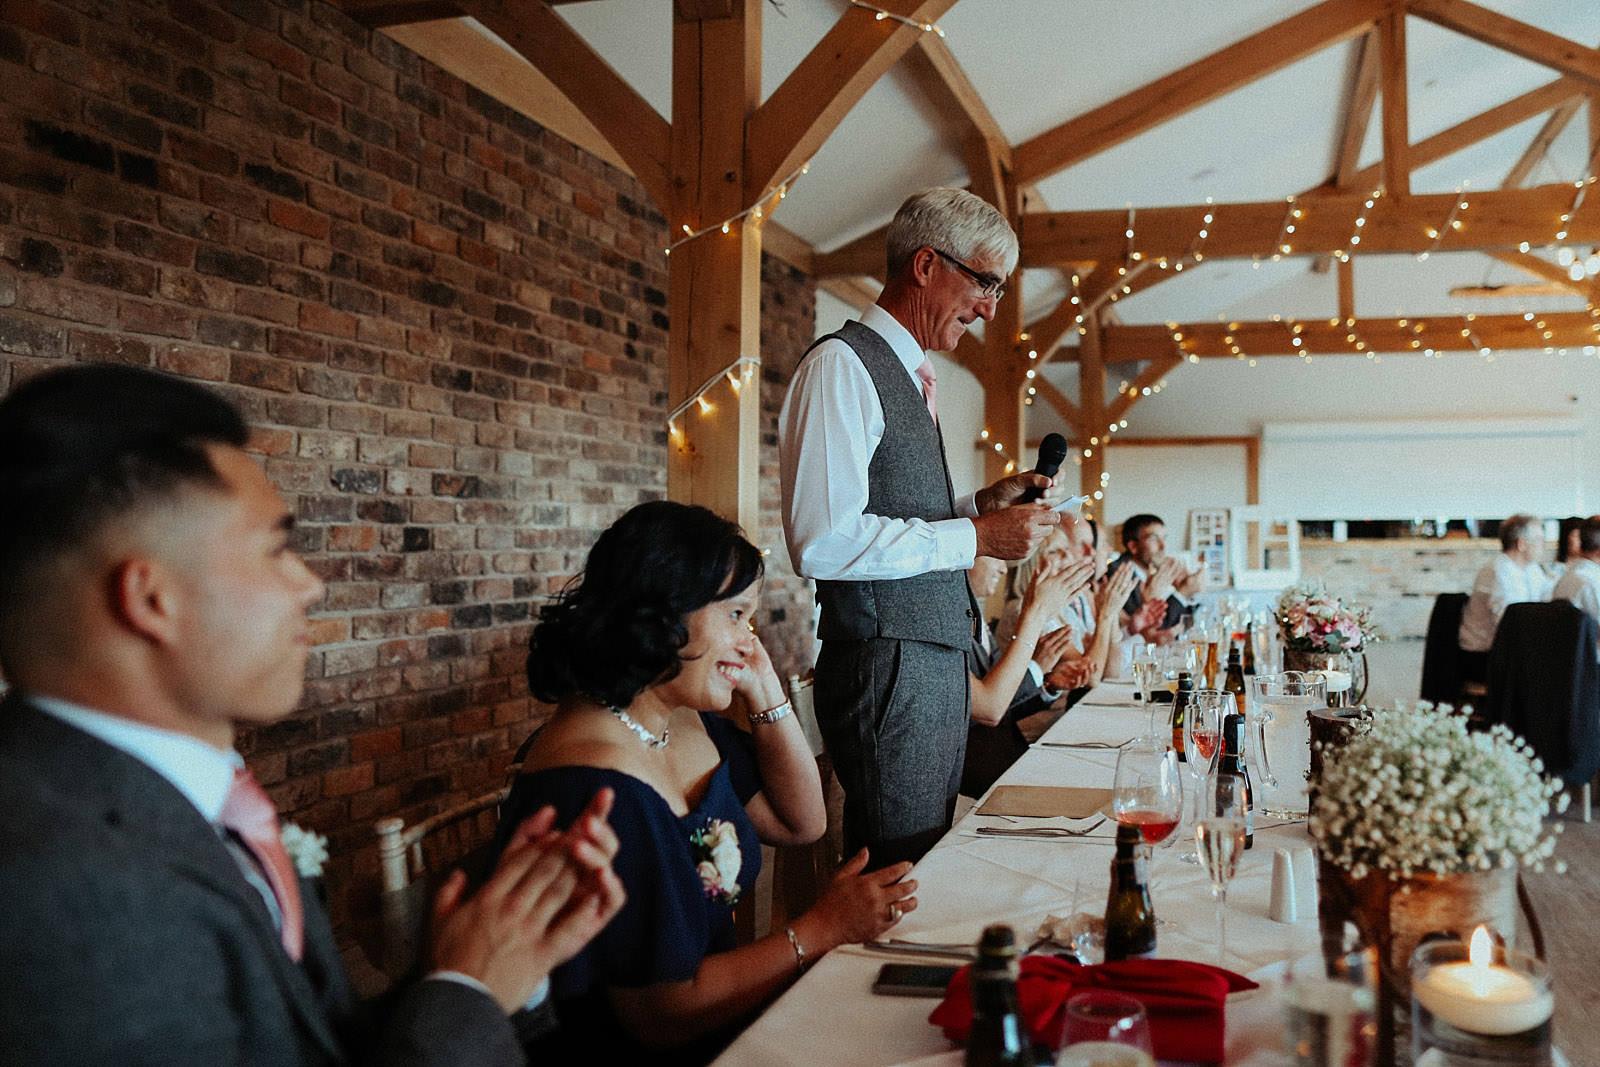 brides dad stood up doing a speech